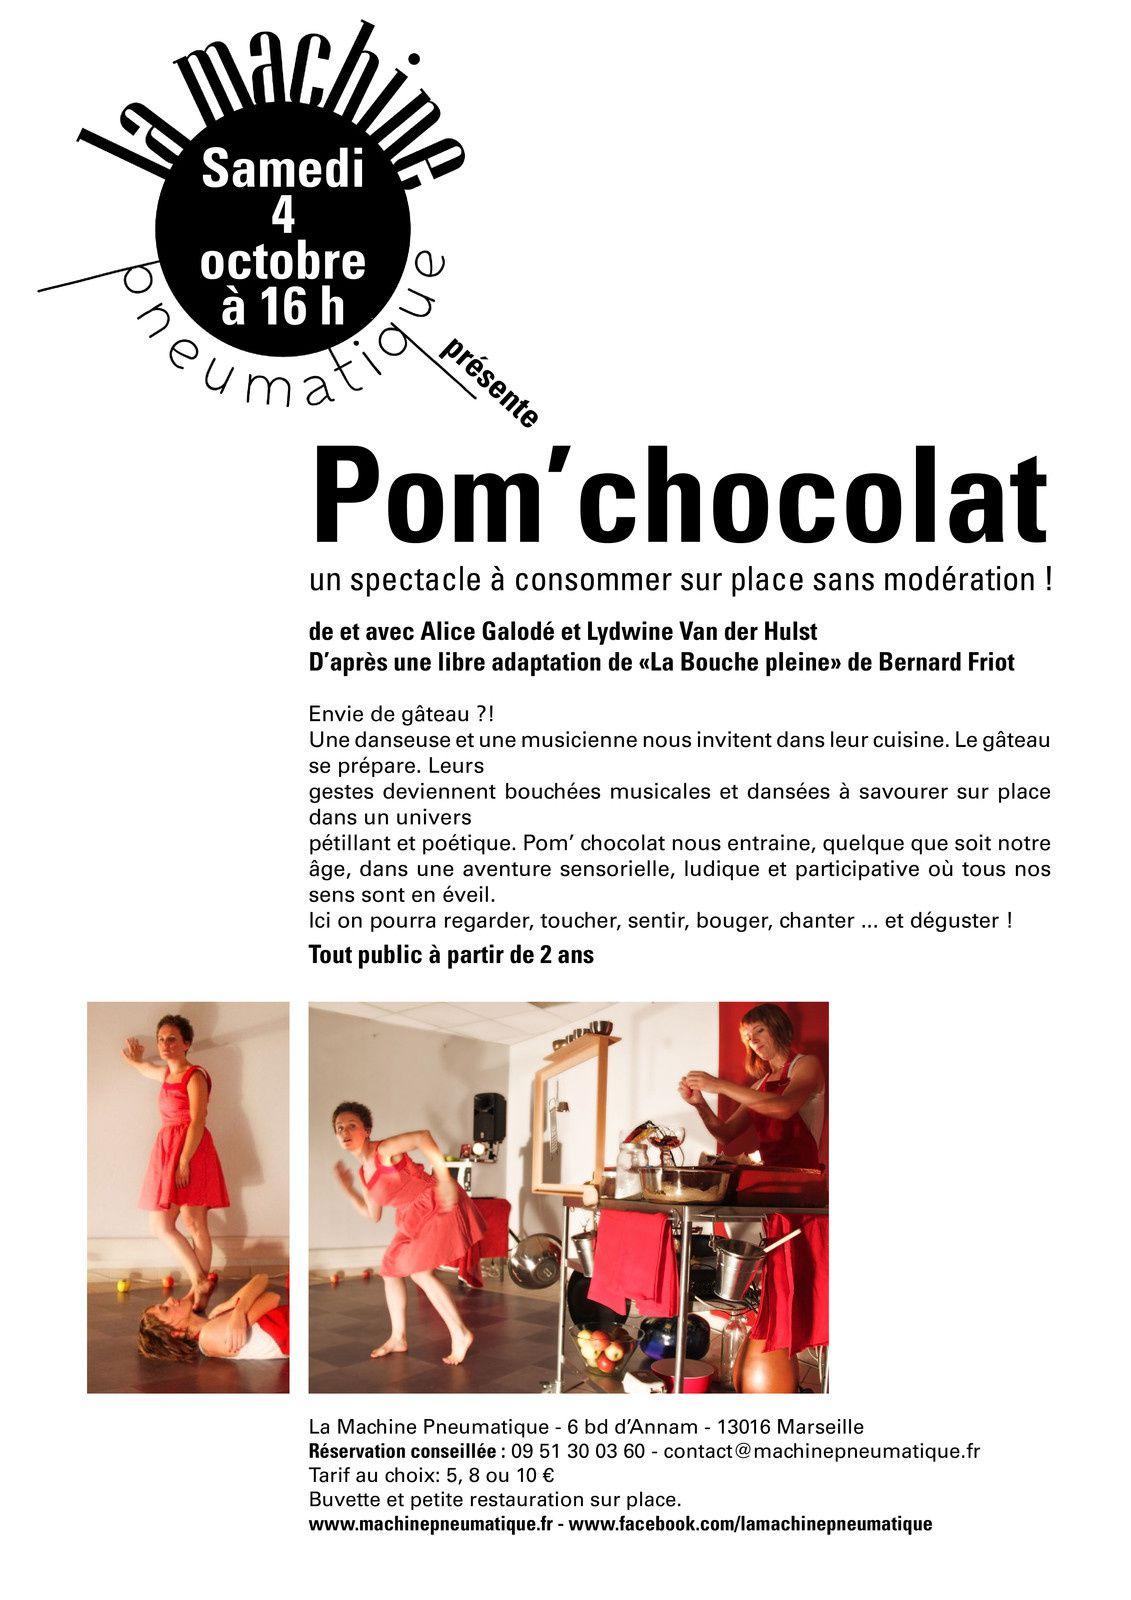 """La machine pneumatique présente """"Pom' chocolat"""""""